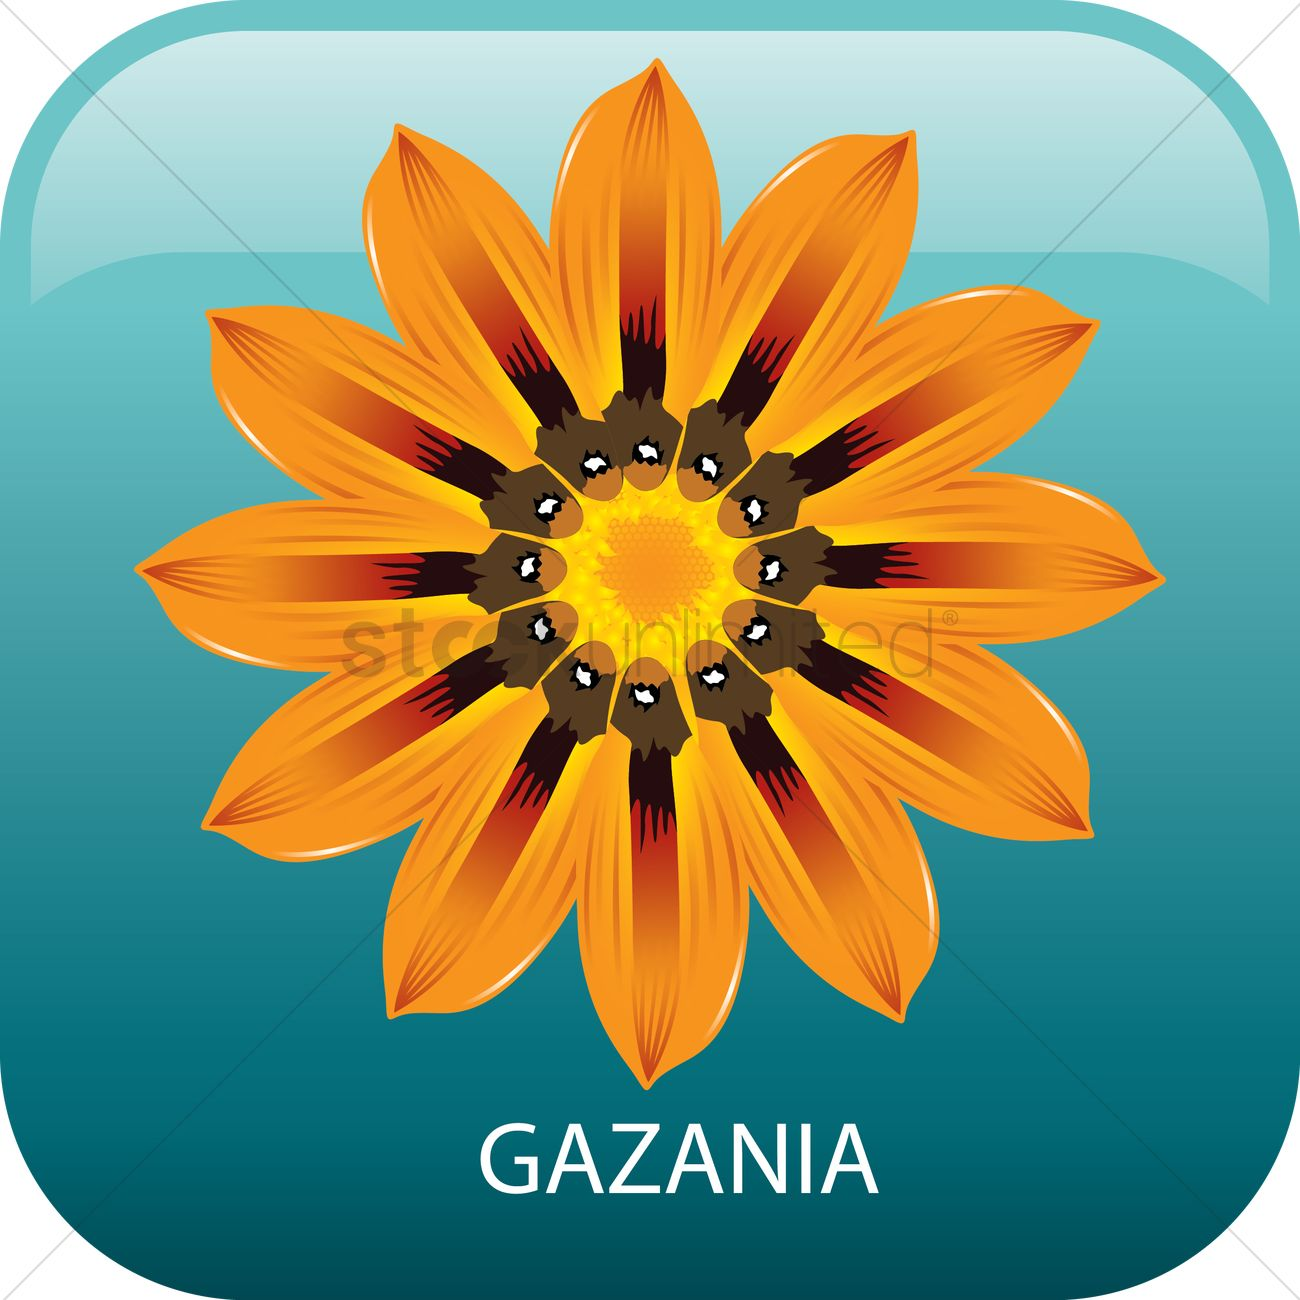 Gazania Vector Image.